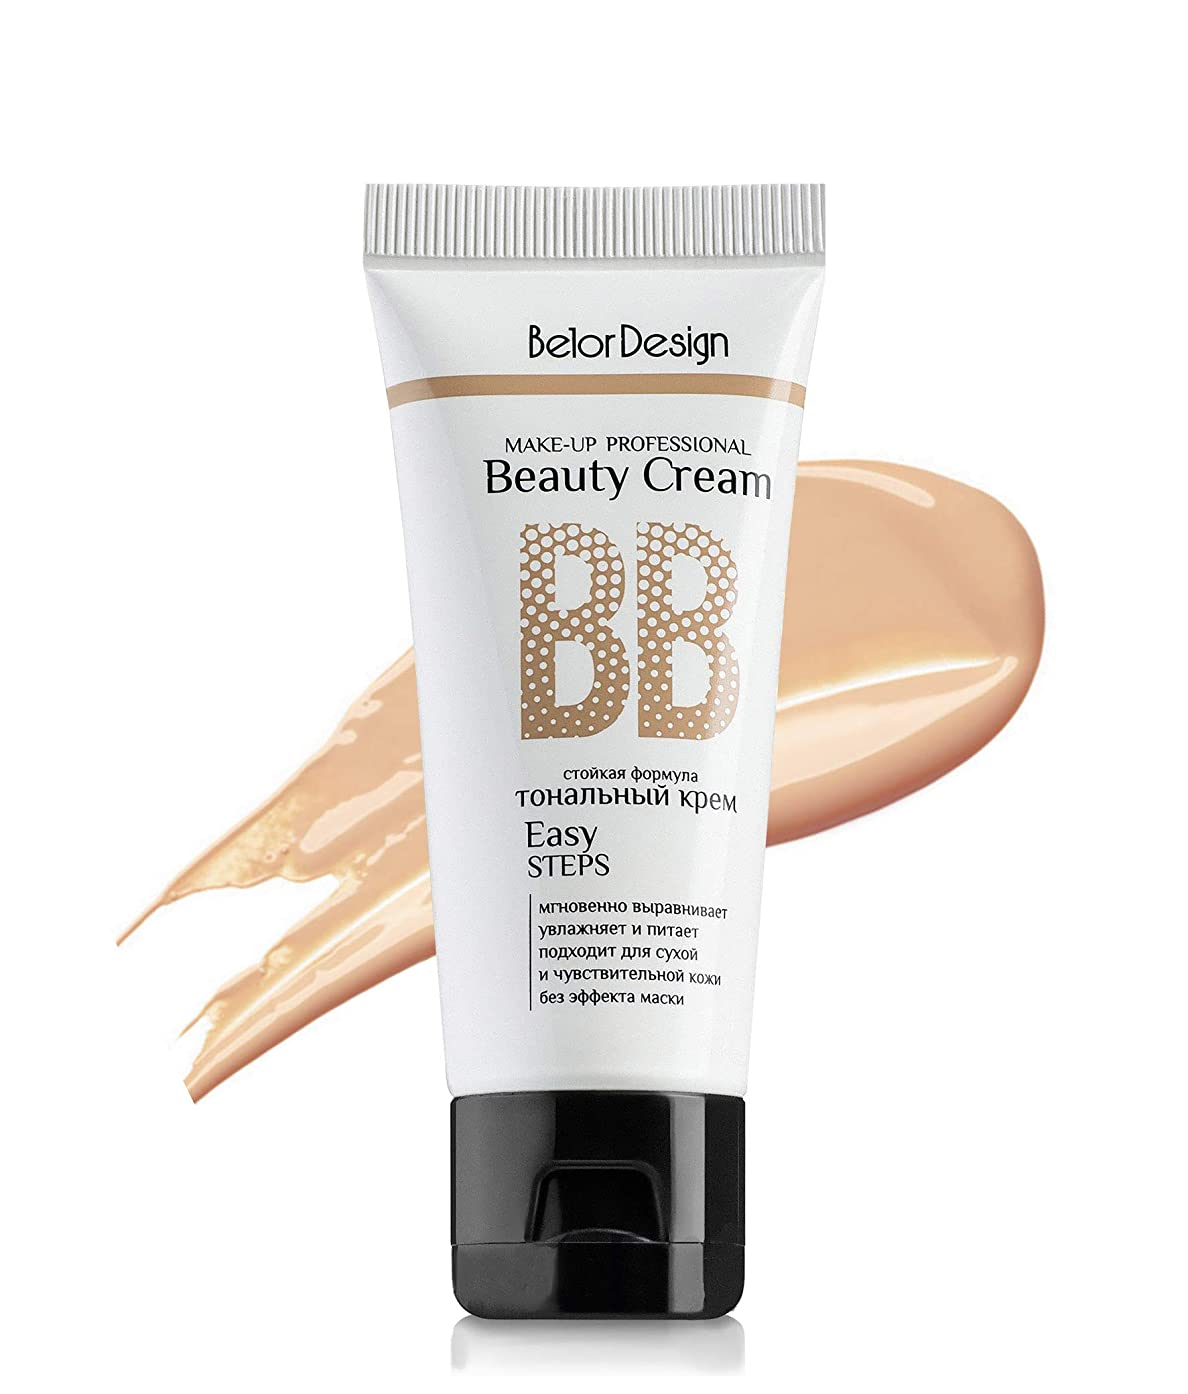 感謝祭サンダル自分のためにBelorDesign | BB – BEAUTY CREAM | EASY STEP | 4 SHADE (Caramel beige 103)